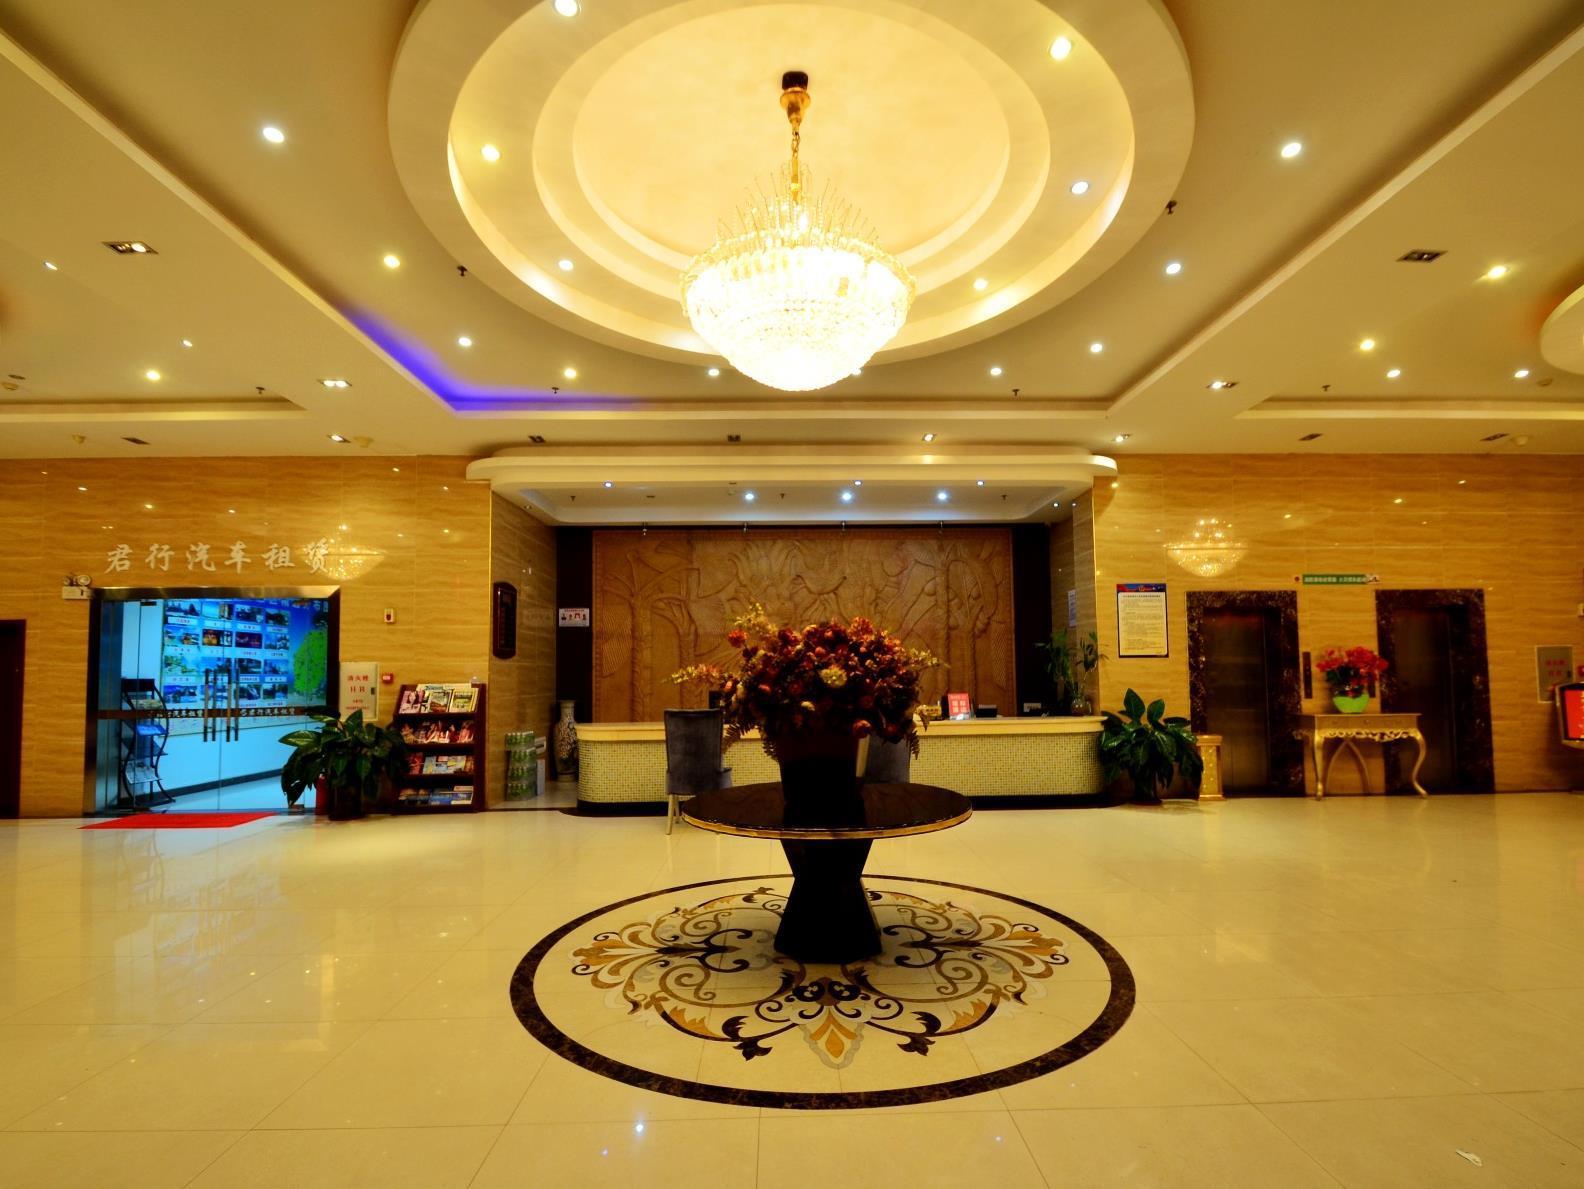 Sanya Jiulixiang Business Hotel 2